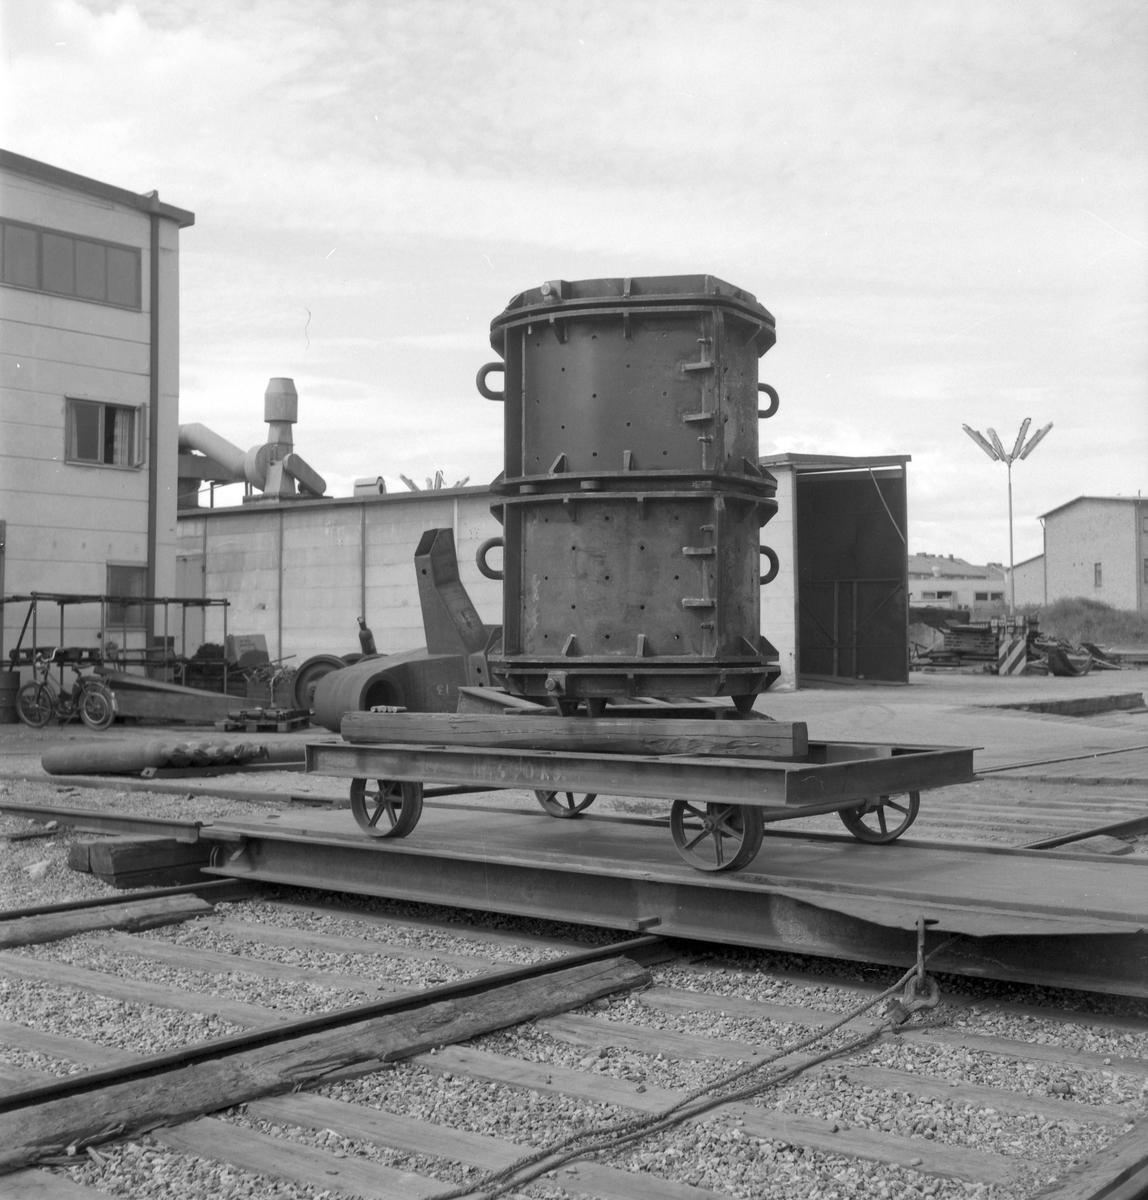 27 juli 1962 Swendsén & Wikström Värmepannefabrik på Brynäs. Företaget köptes upp av Svenska Järnvägsverkstad 1955 Och fick namnet ASJ-PARCA.